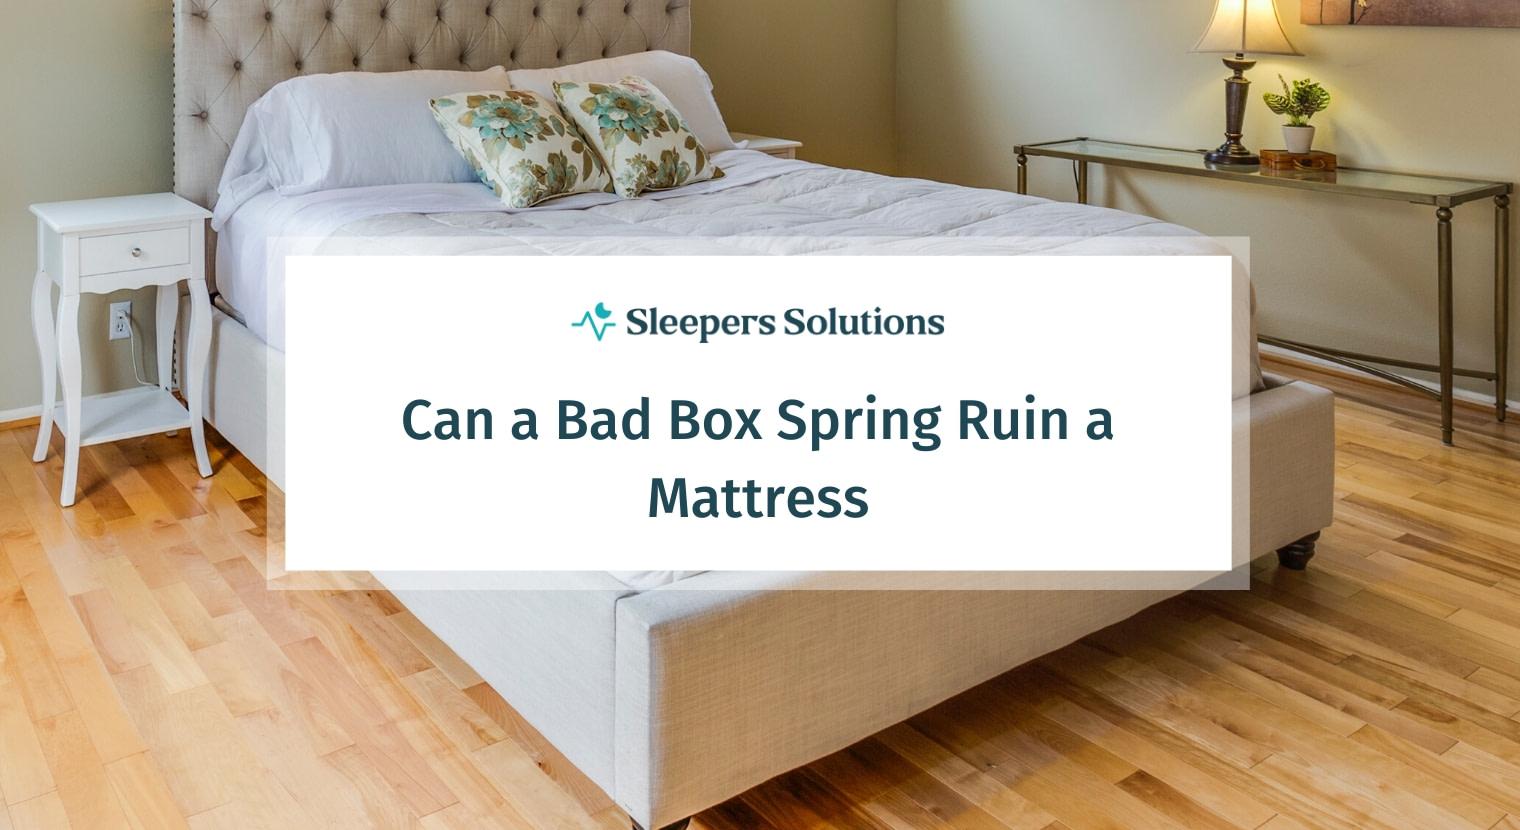 Can a Bad Box Spring Ruin a Mattress